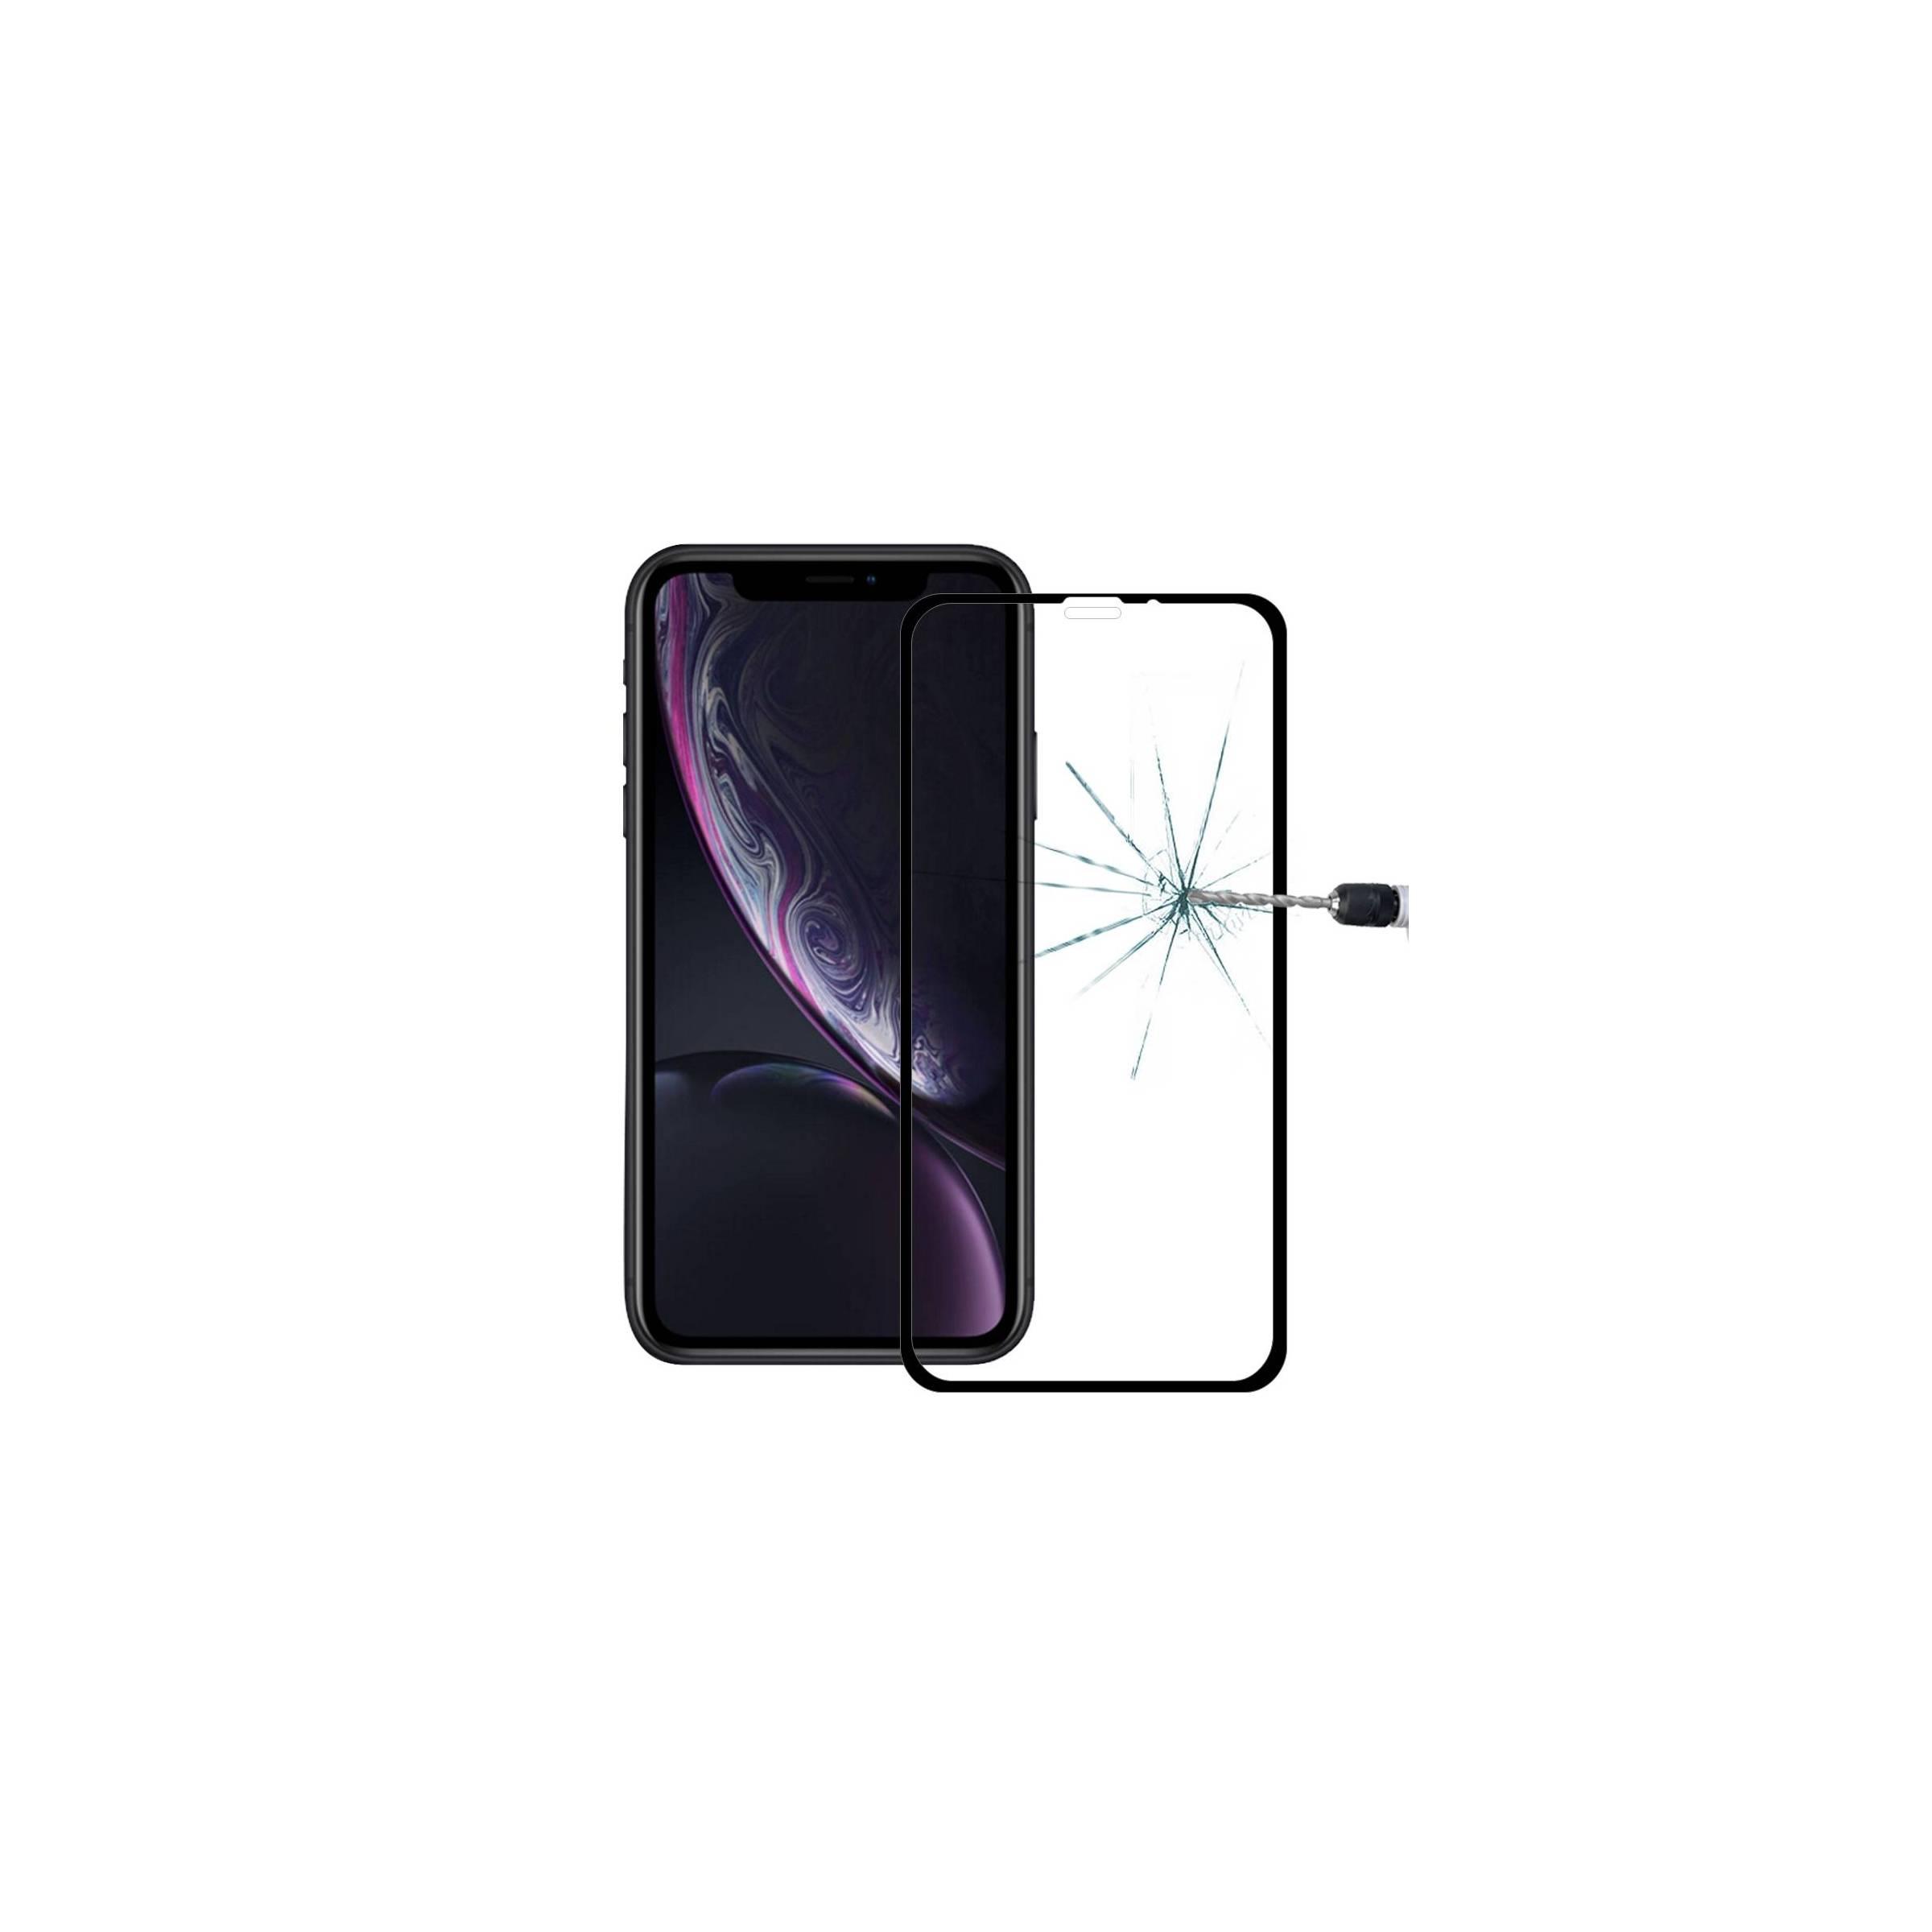 enkay – Beskyttelsesglas til iphone 11 / xr med sort kant 3d fra mackabler.dk